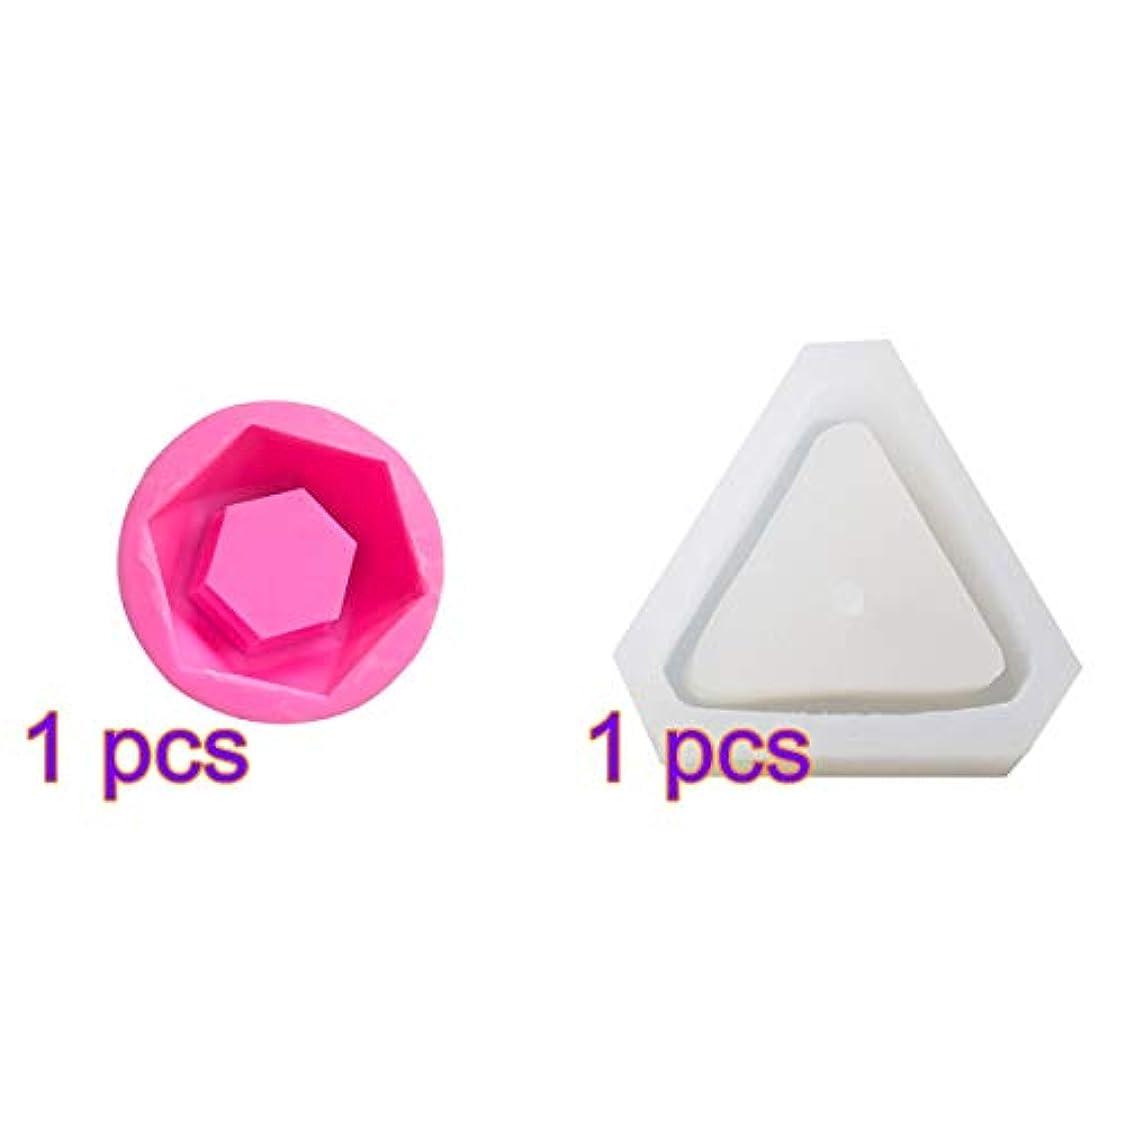 捨てる辞任する温度計SUPVOX シリコーン金型多肉植物植物セメントプランター金型ホームインテリア(三角形+ダイヤモンド)